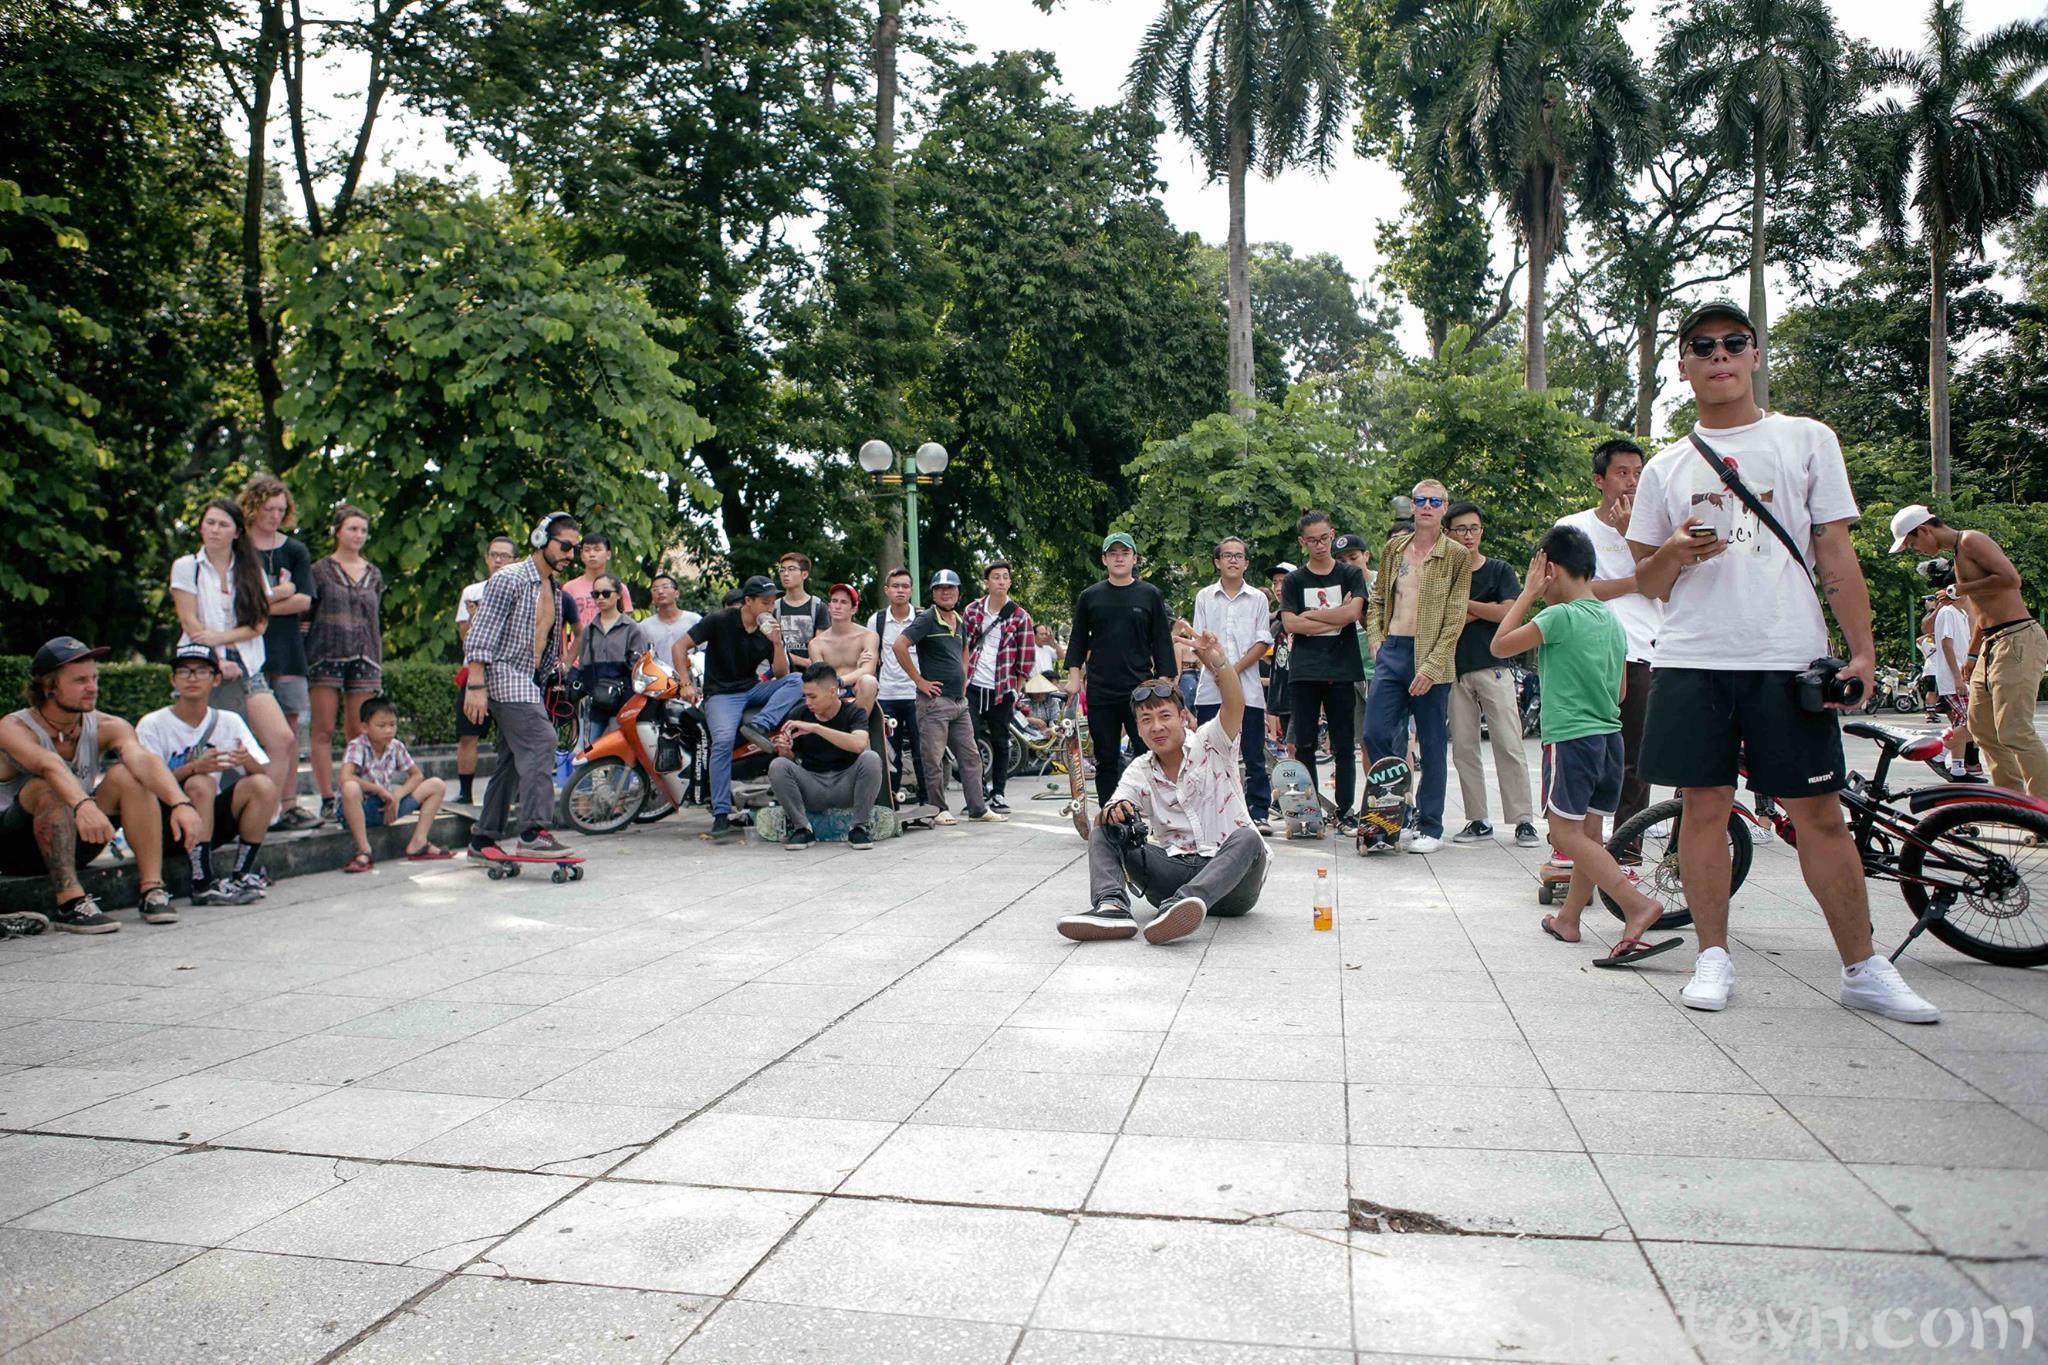 Giải trượt ván cùng các Pro Skaters